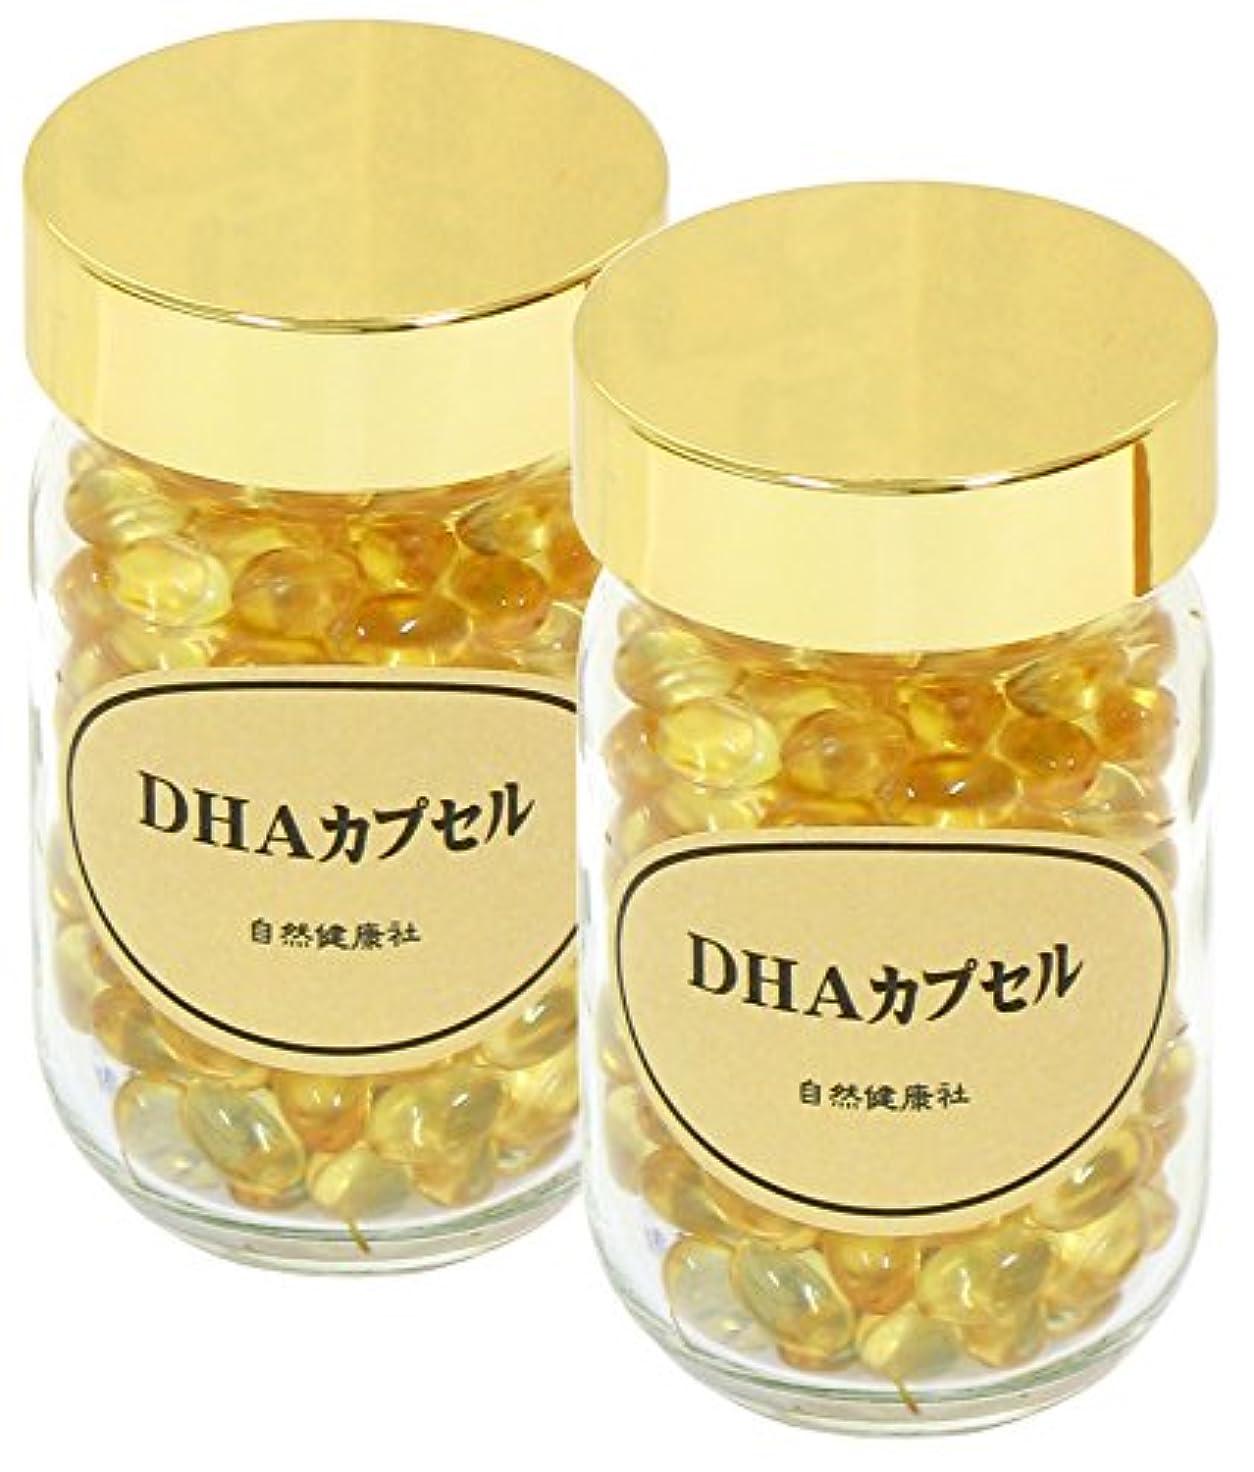 管理します法王ウイルス自然健康社 DHAカプセル 95g(460mg×206粒)×2個 ビン入り